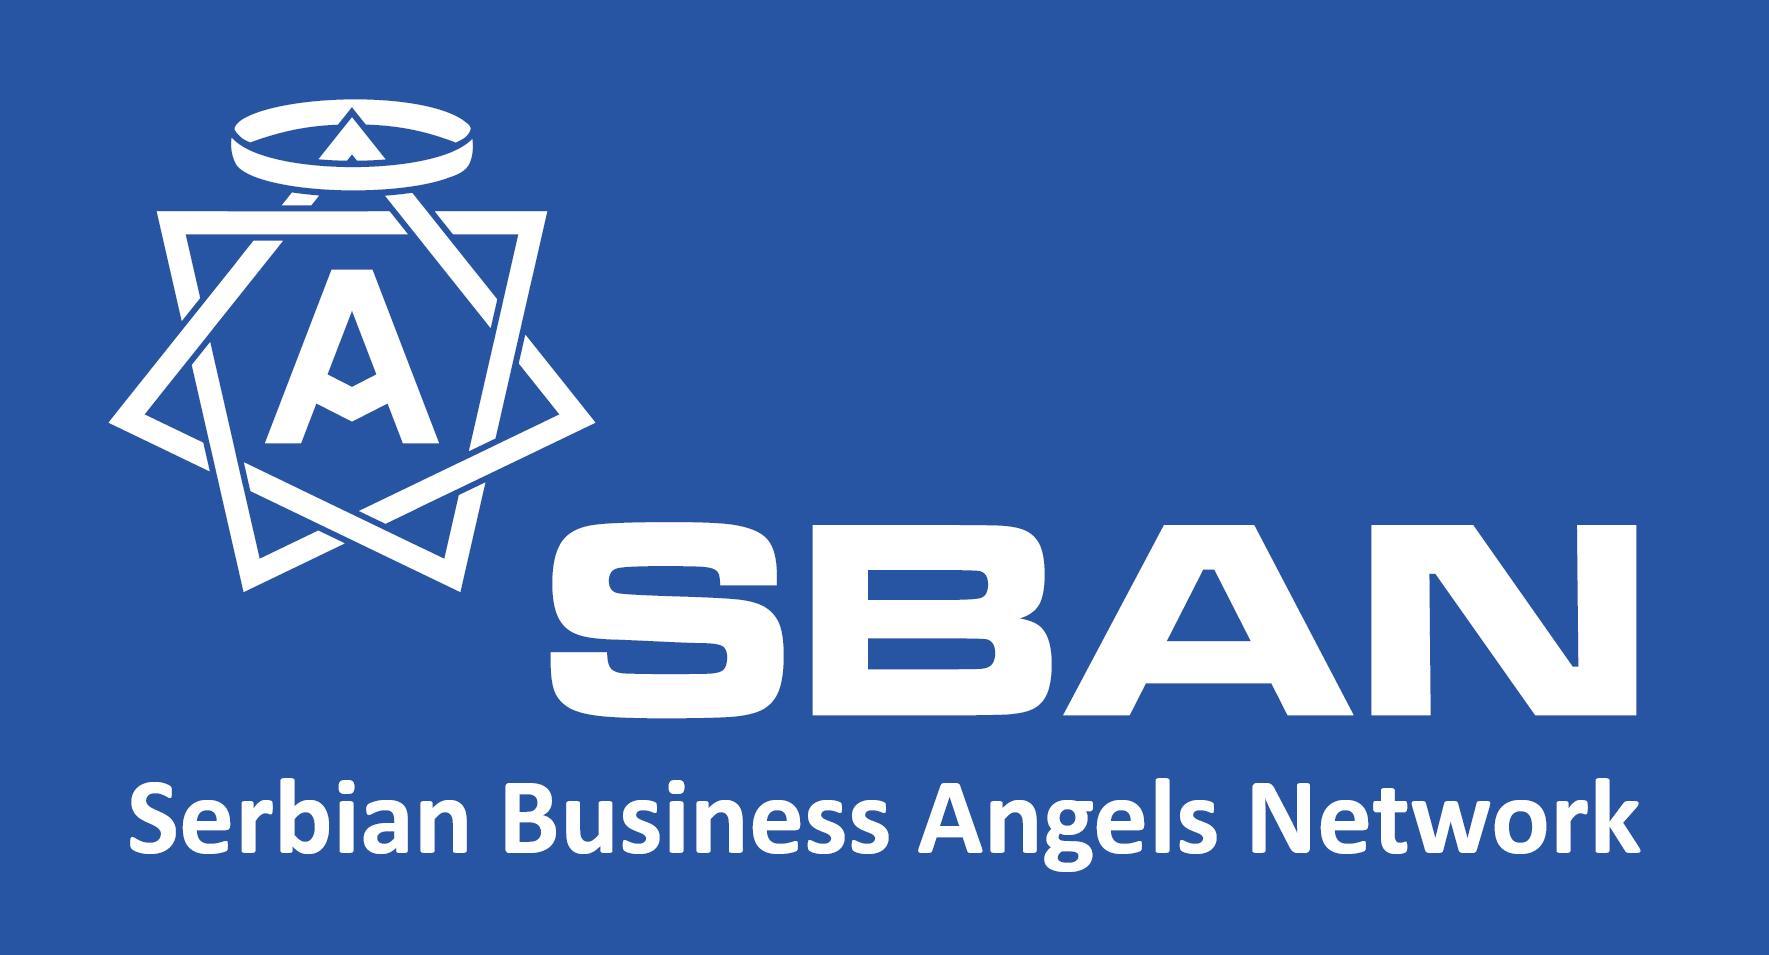 SBAN-logo-white-blue